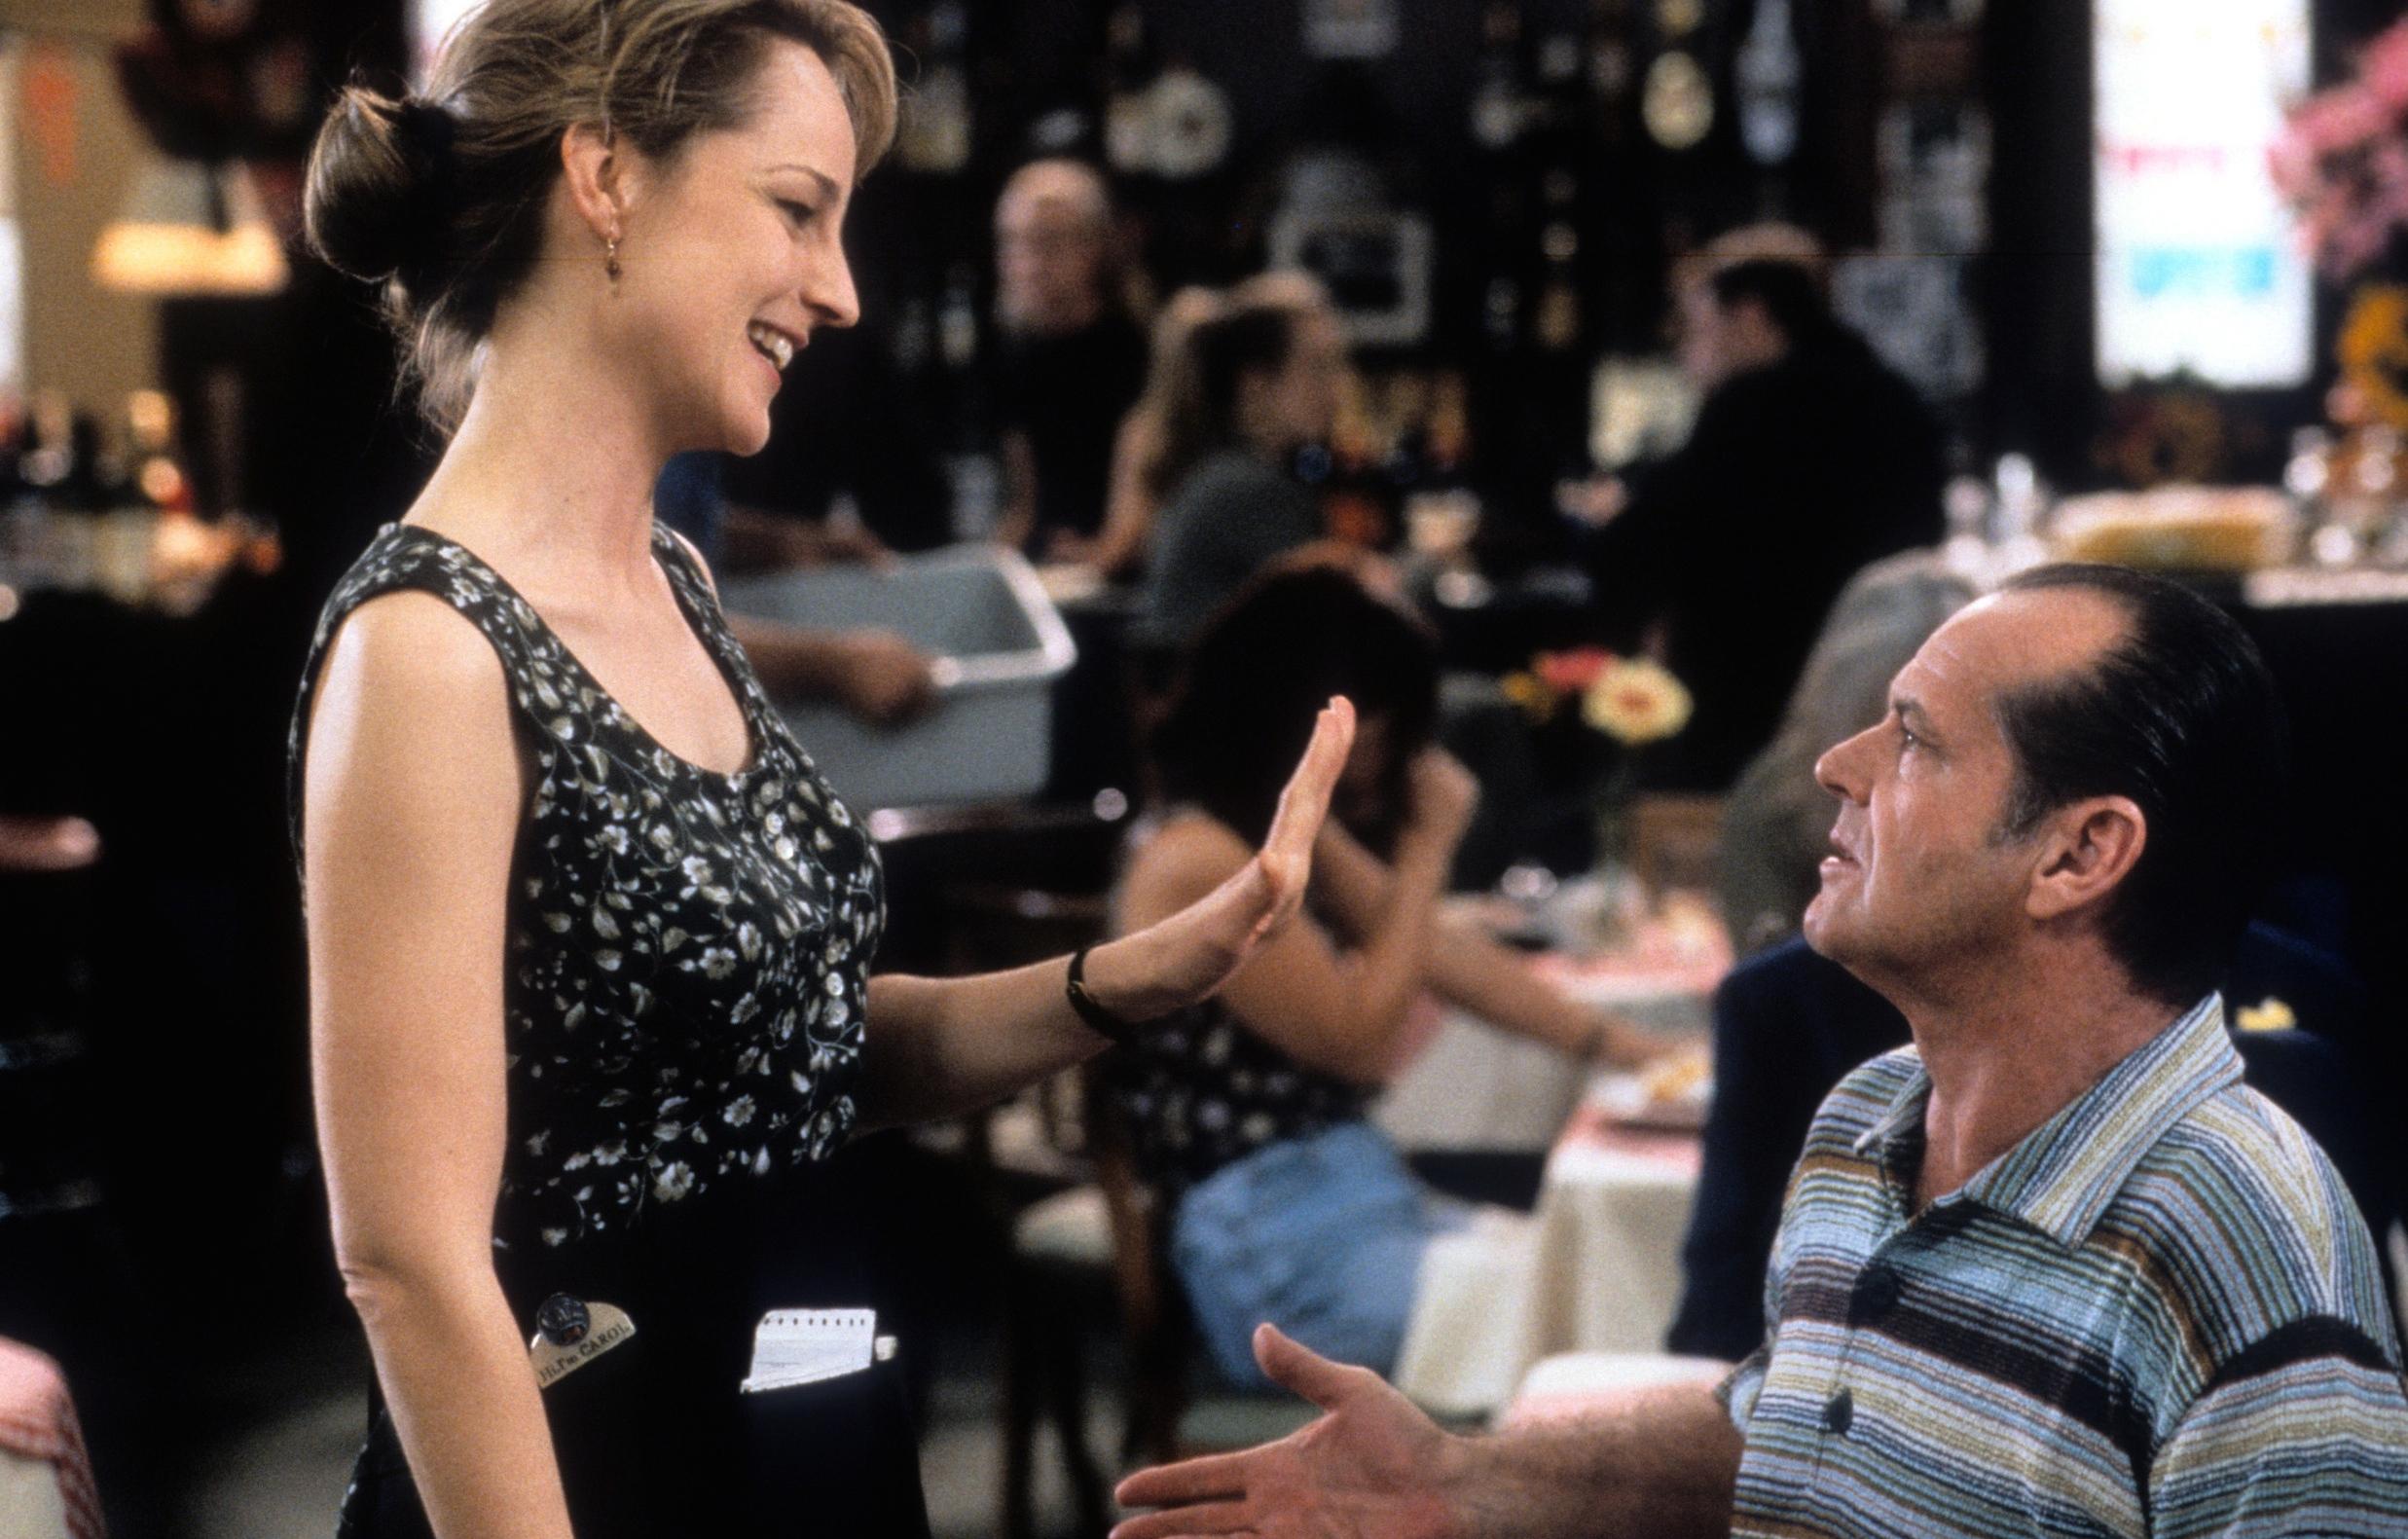 Ο έρωτας στον Κινηματογράφο - As good as it gets